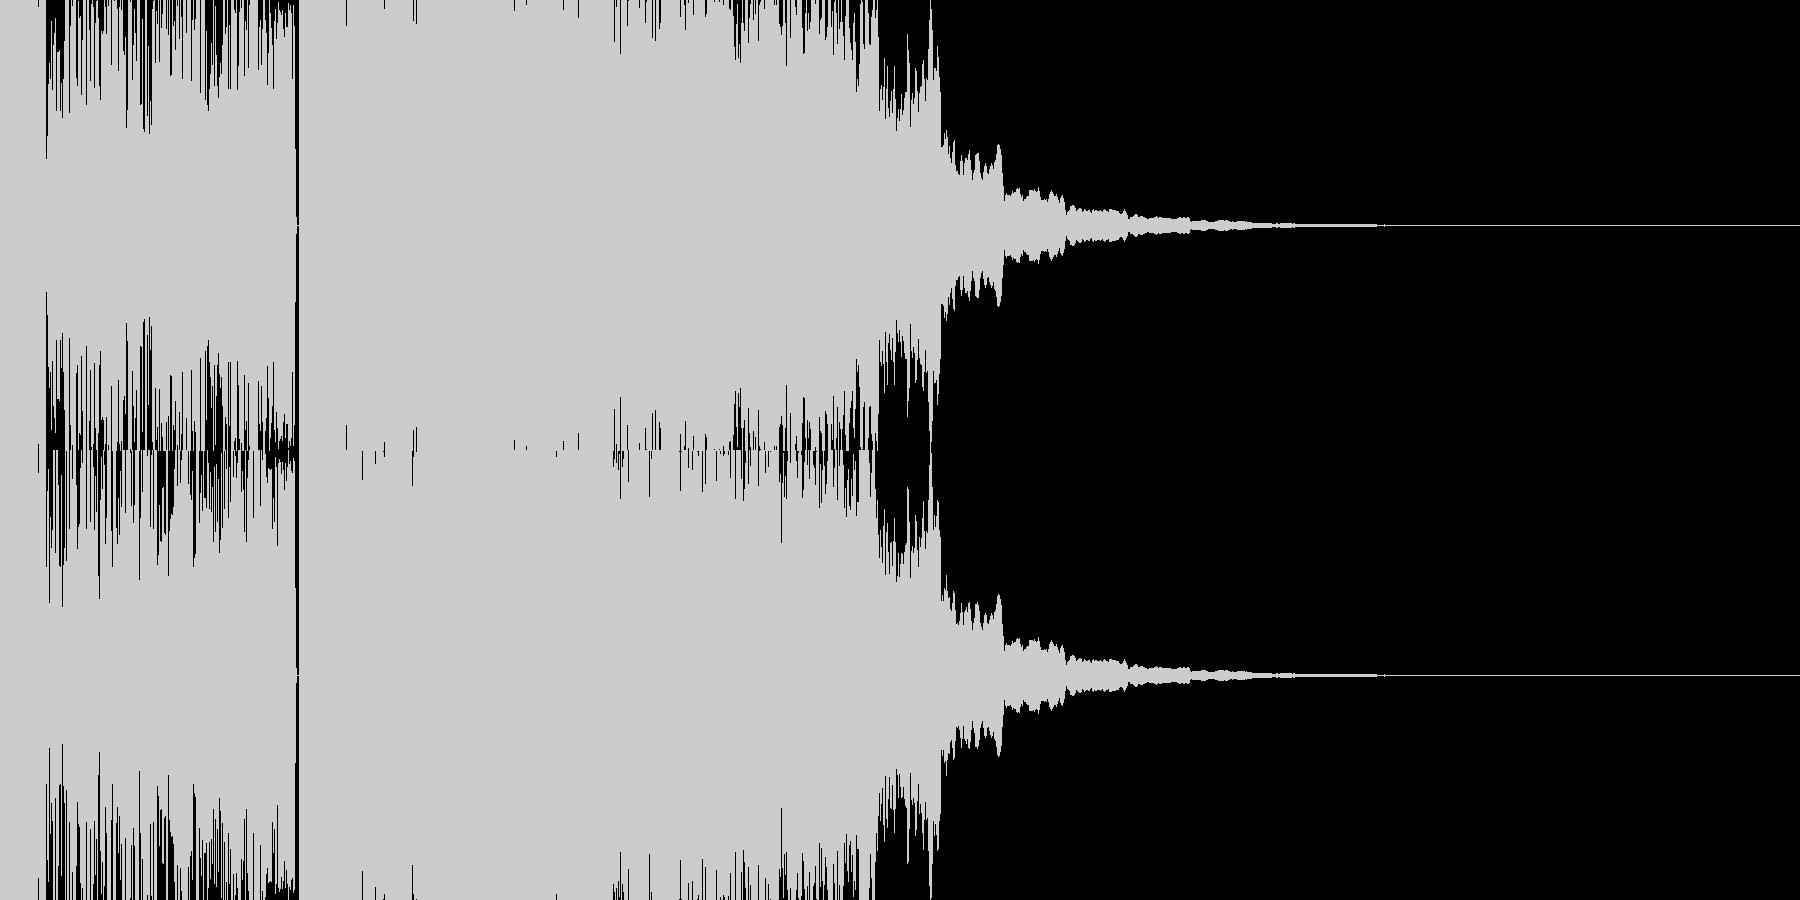 ドドドドドドドドパキーンの未再生の波形